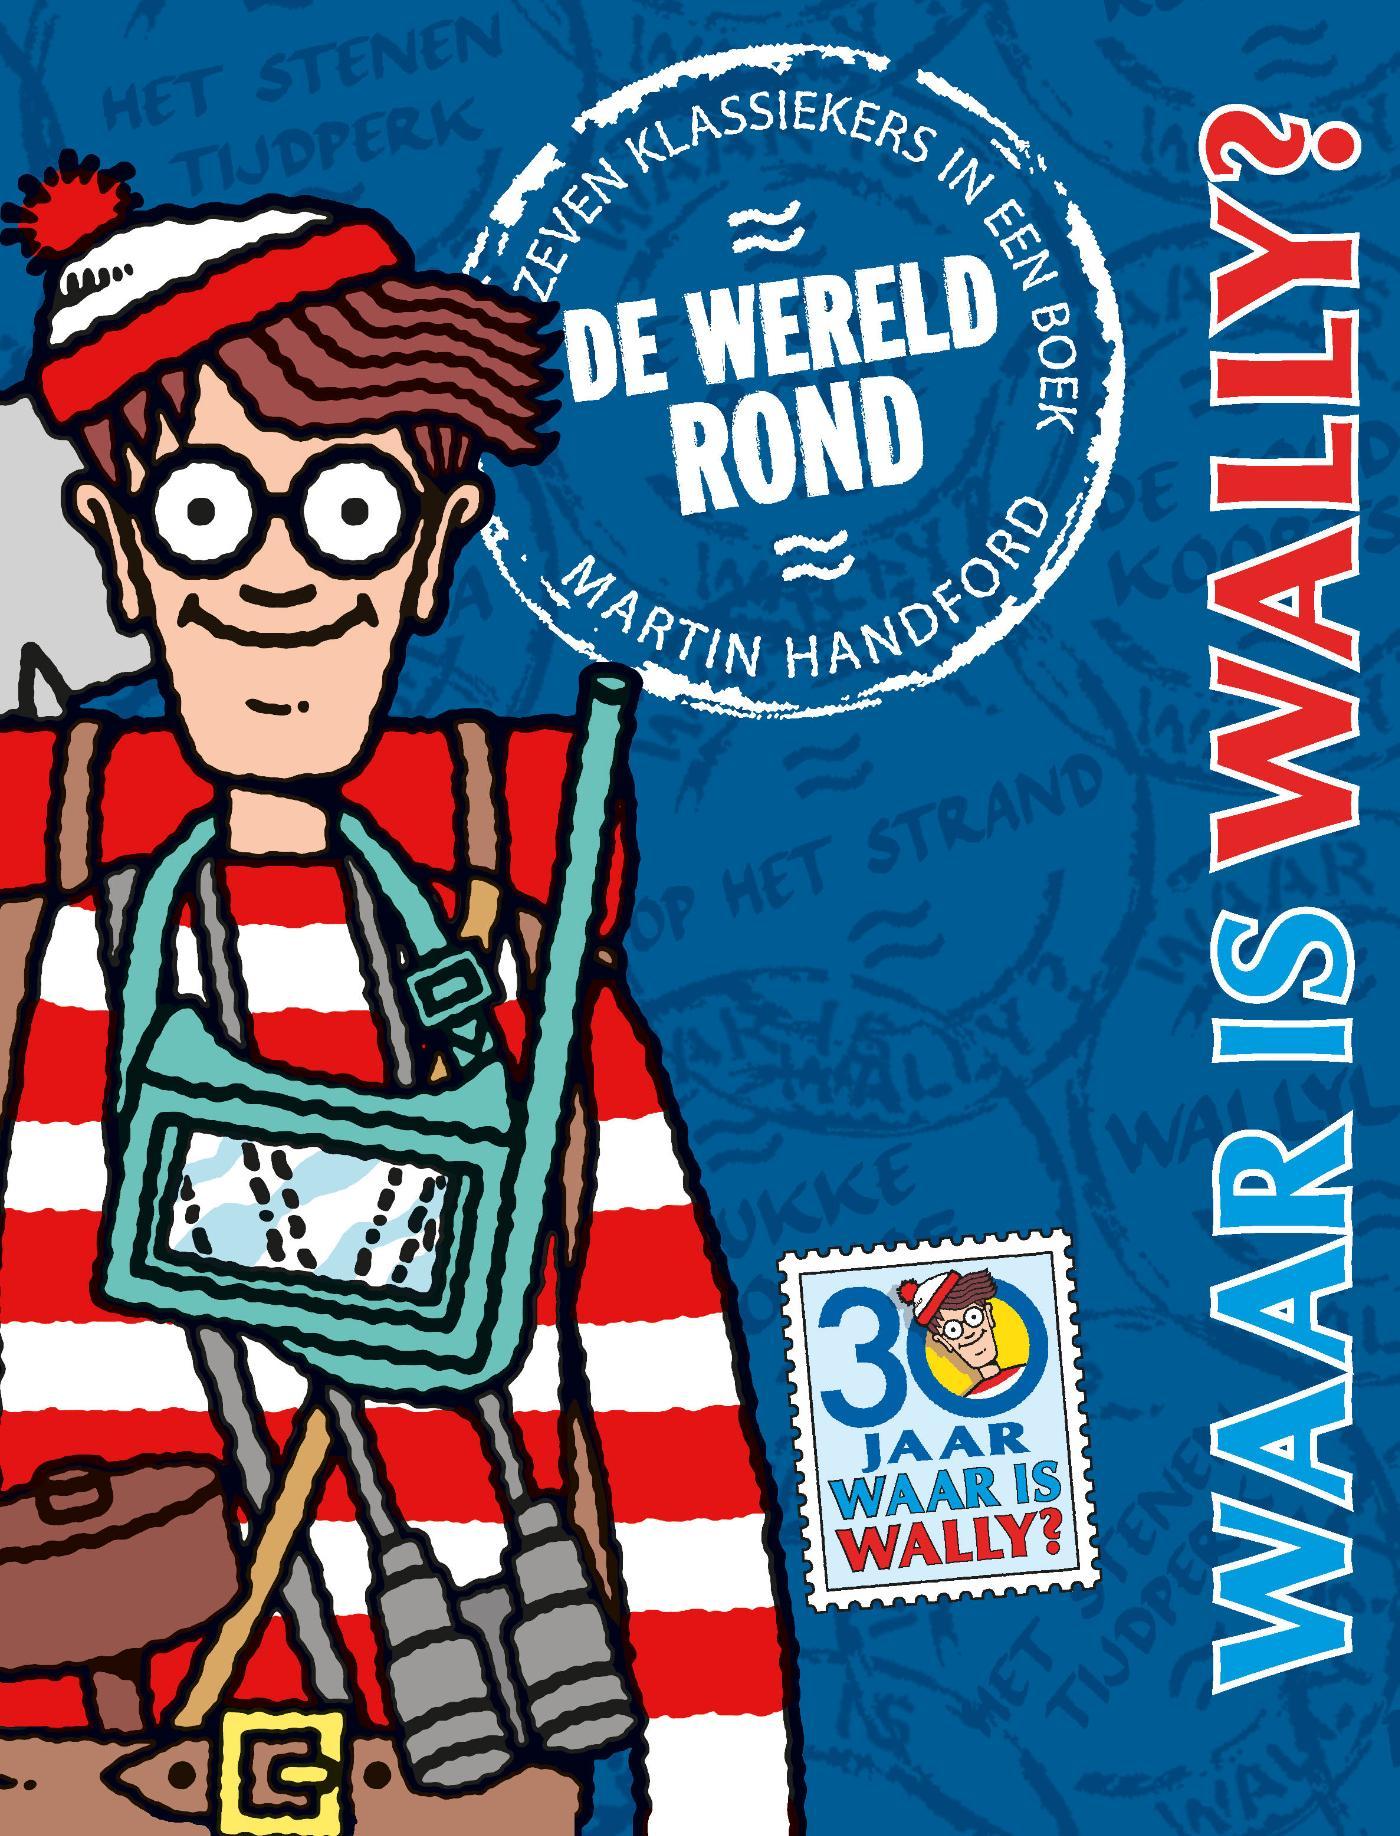 Waar is Wally De wereld rond